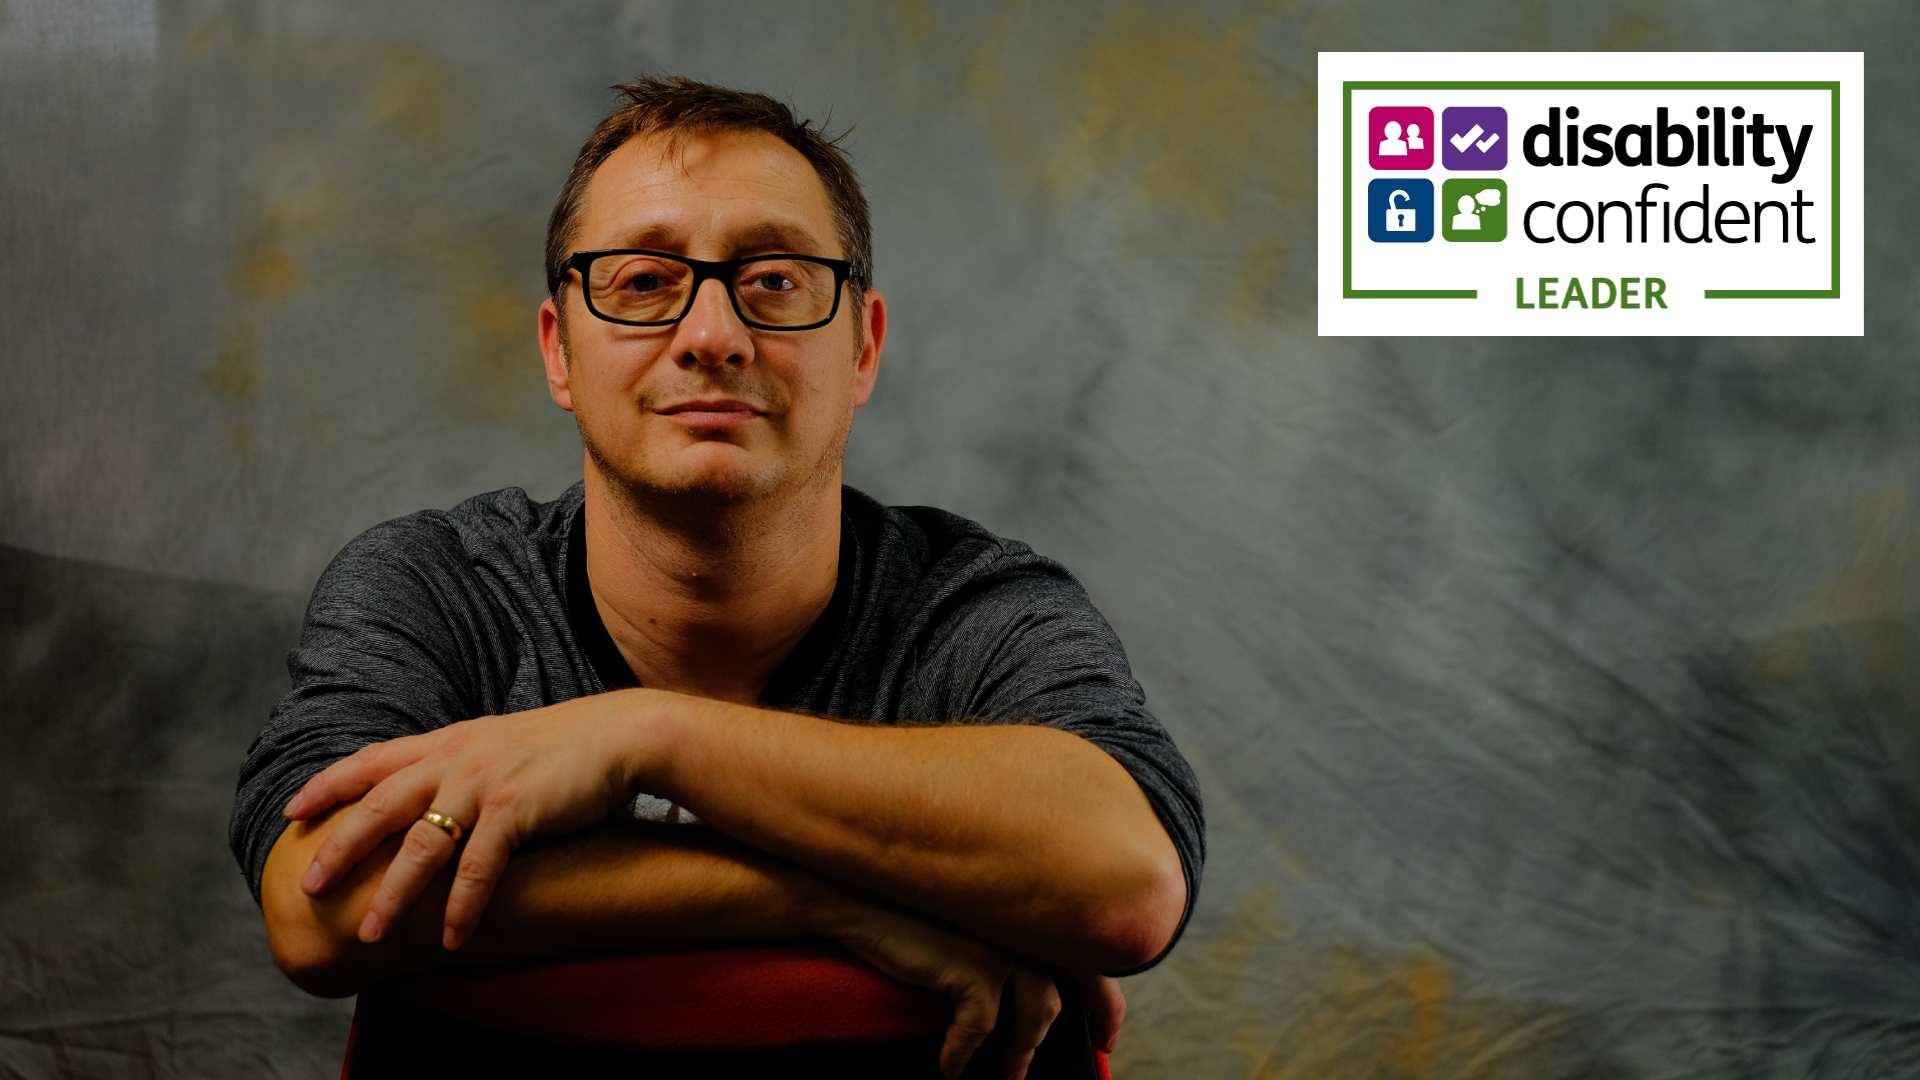 Dan Neill, MI Analyst at AXA PPP healthcare